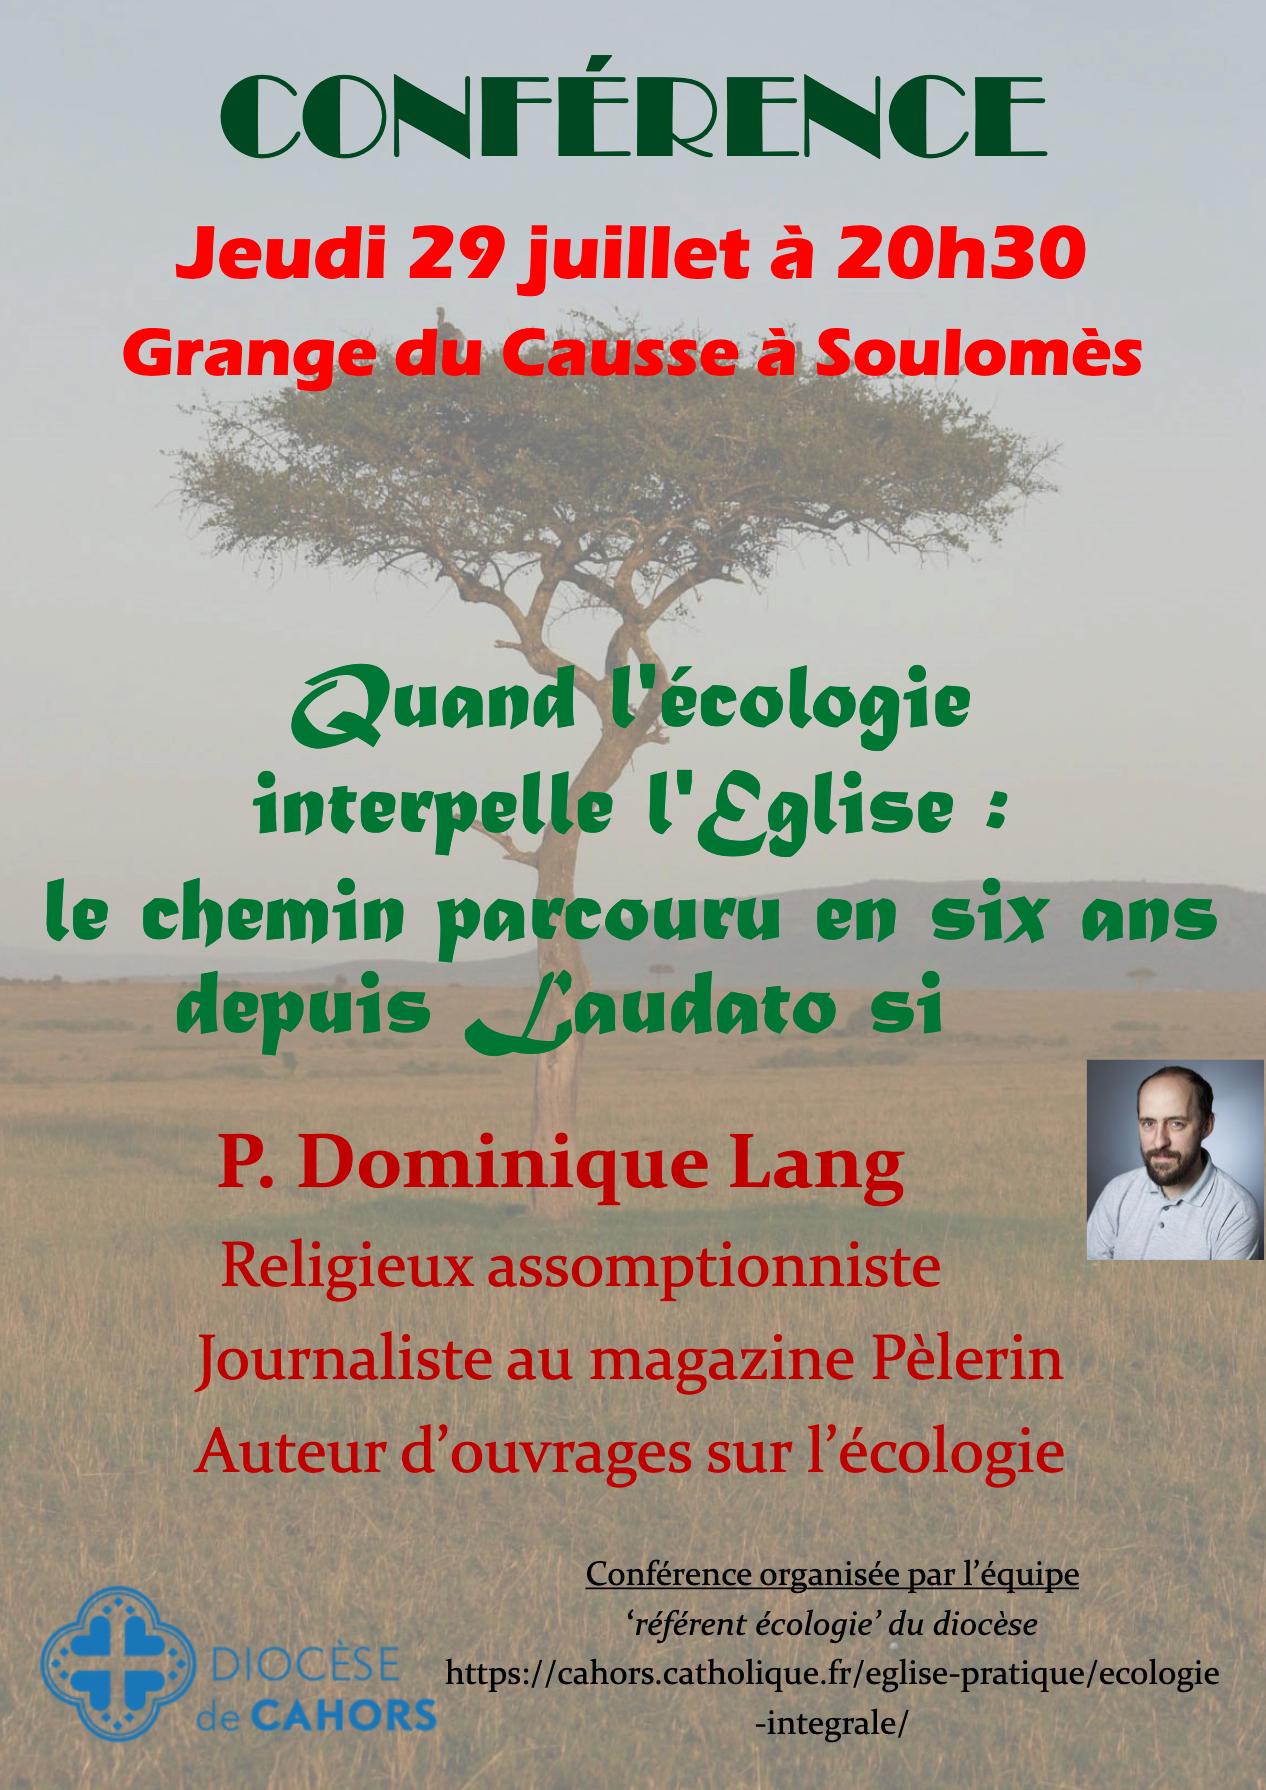 Conférence : Quand l'écologie interpelle l'Église